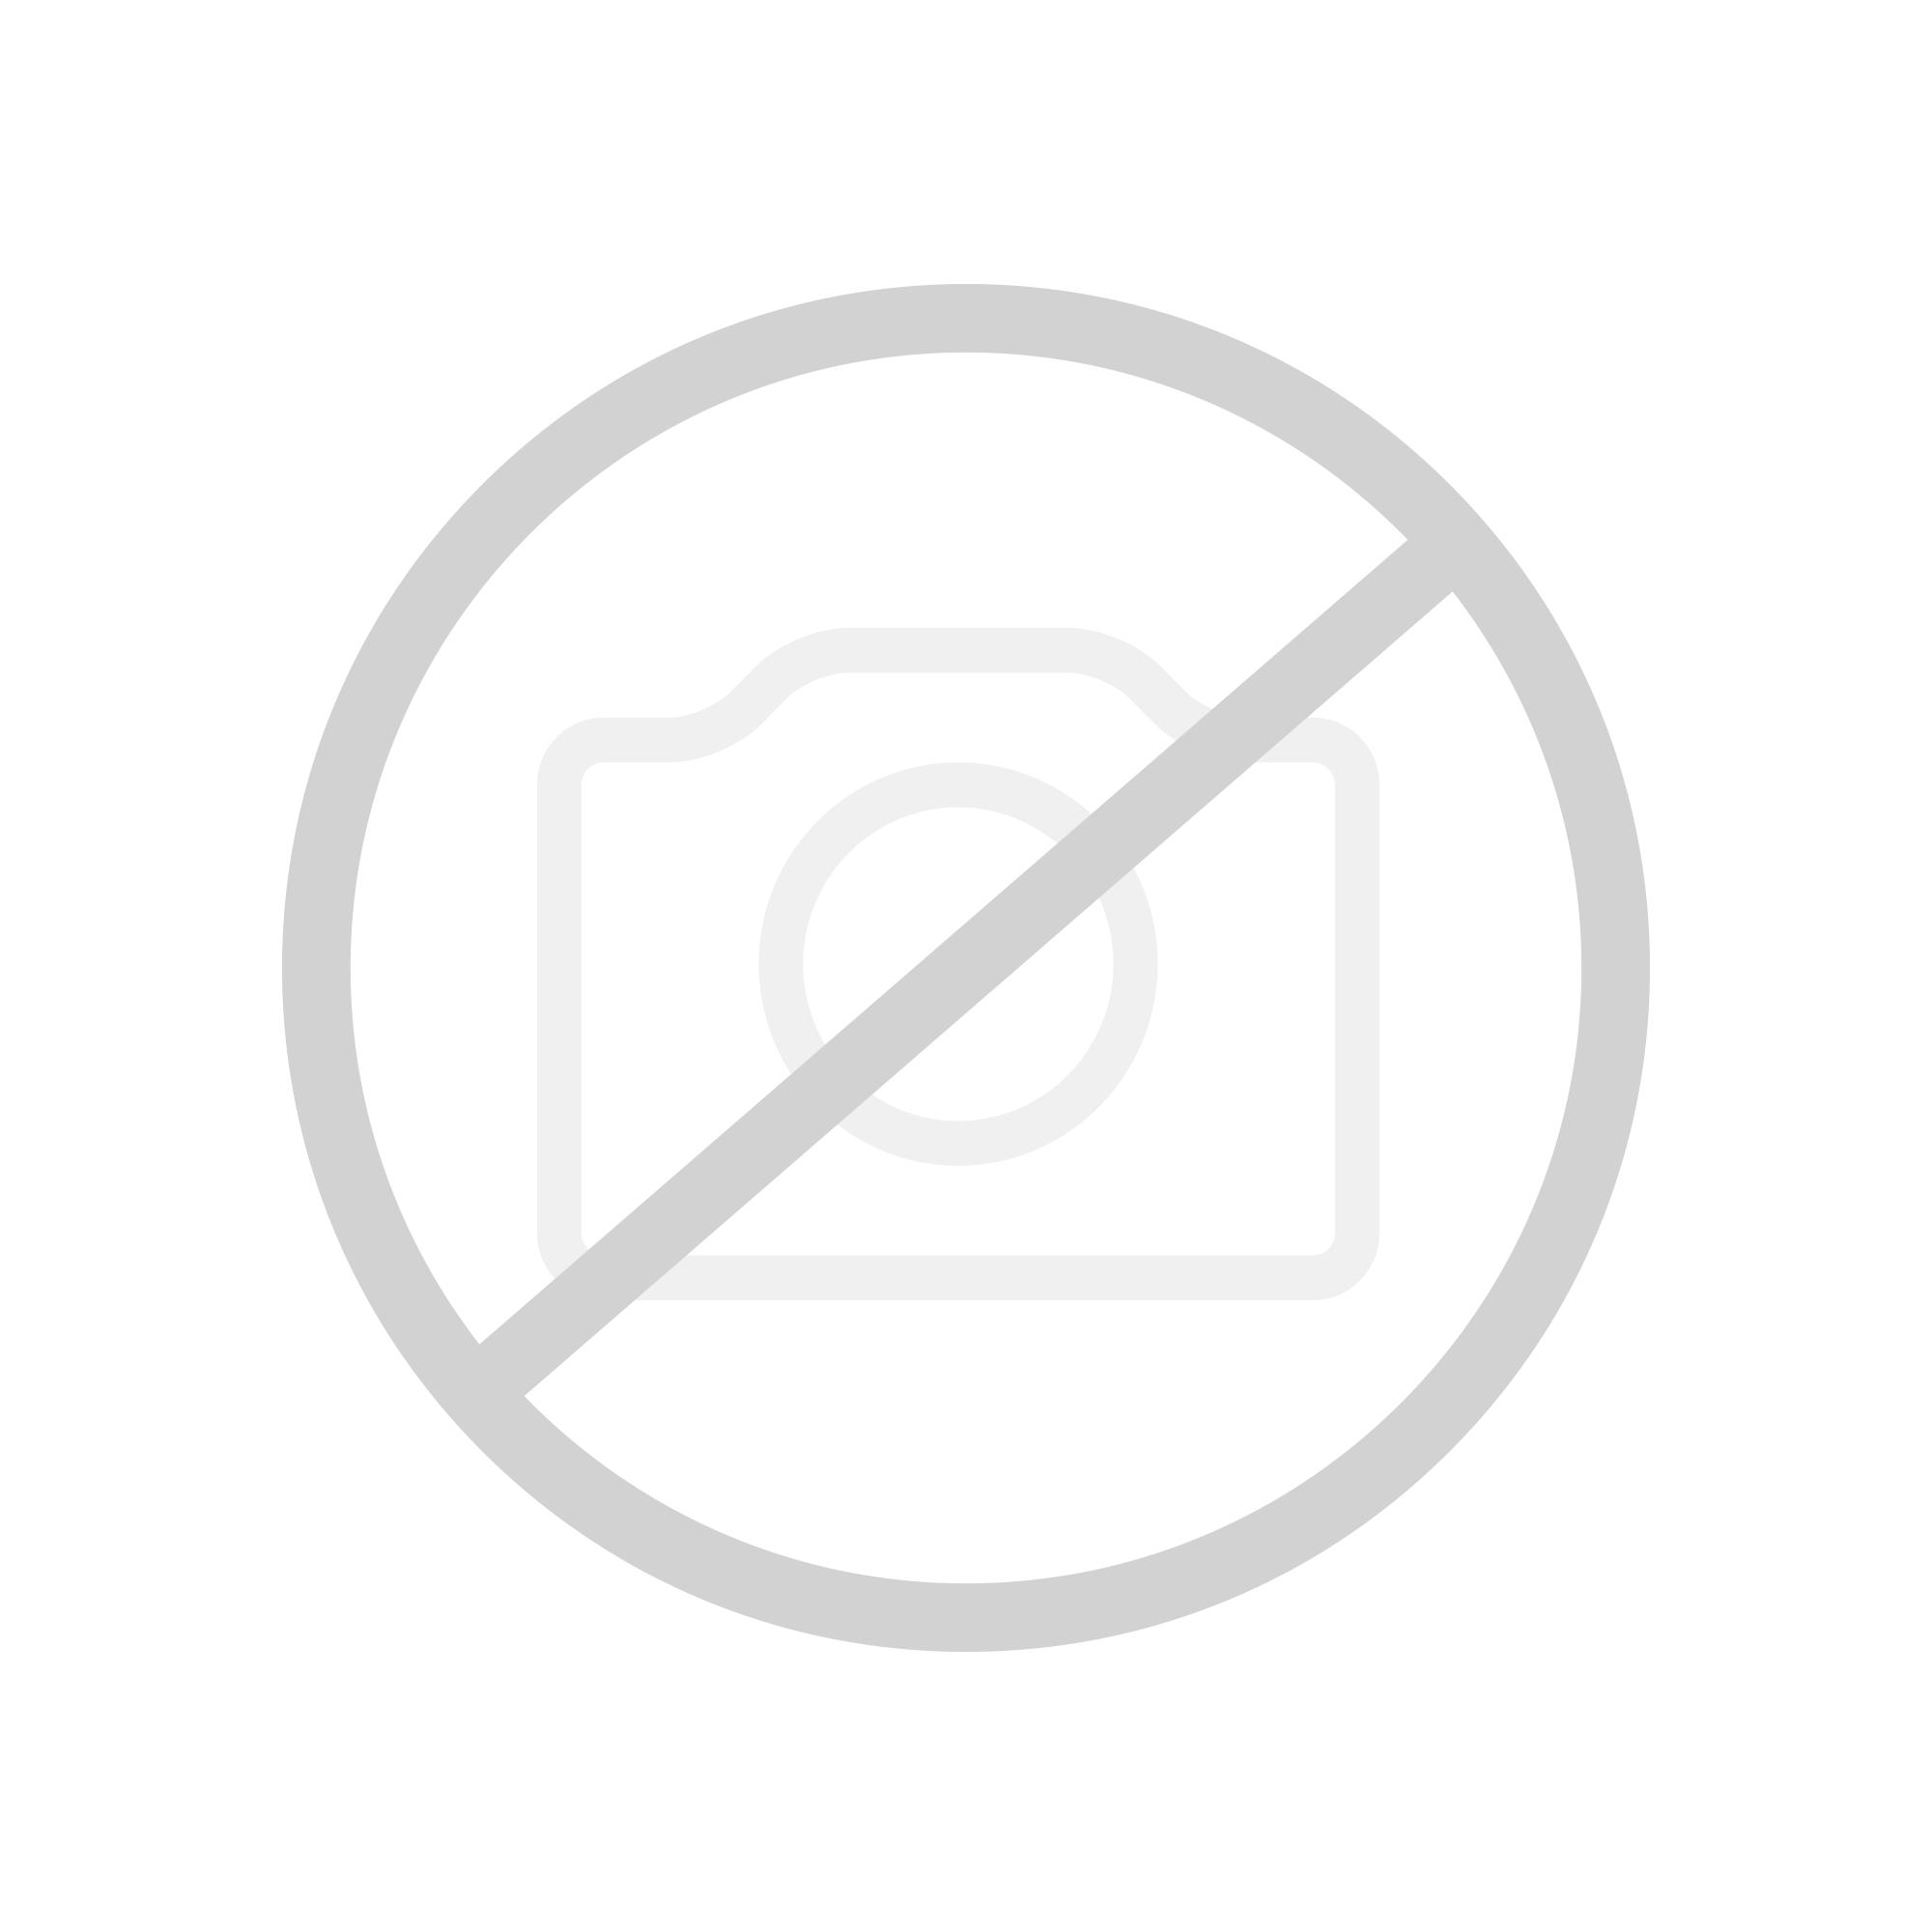 jado armaturen und accessoires f r bad und k che. Black Bedroom Furniture Sets. Home Design Ideas